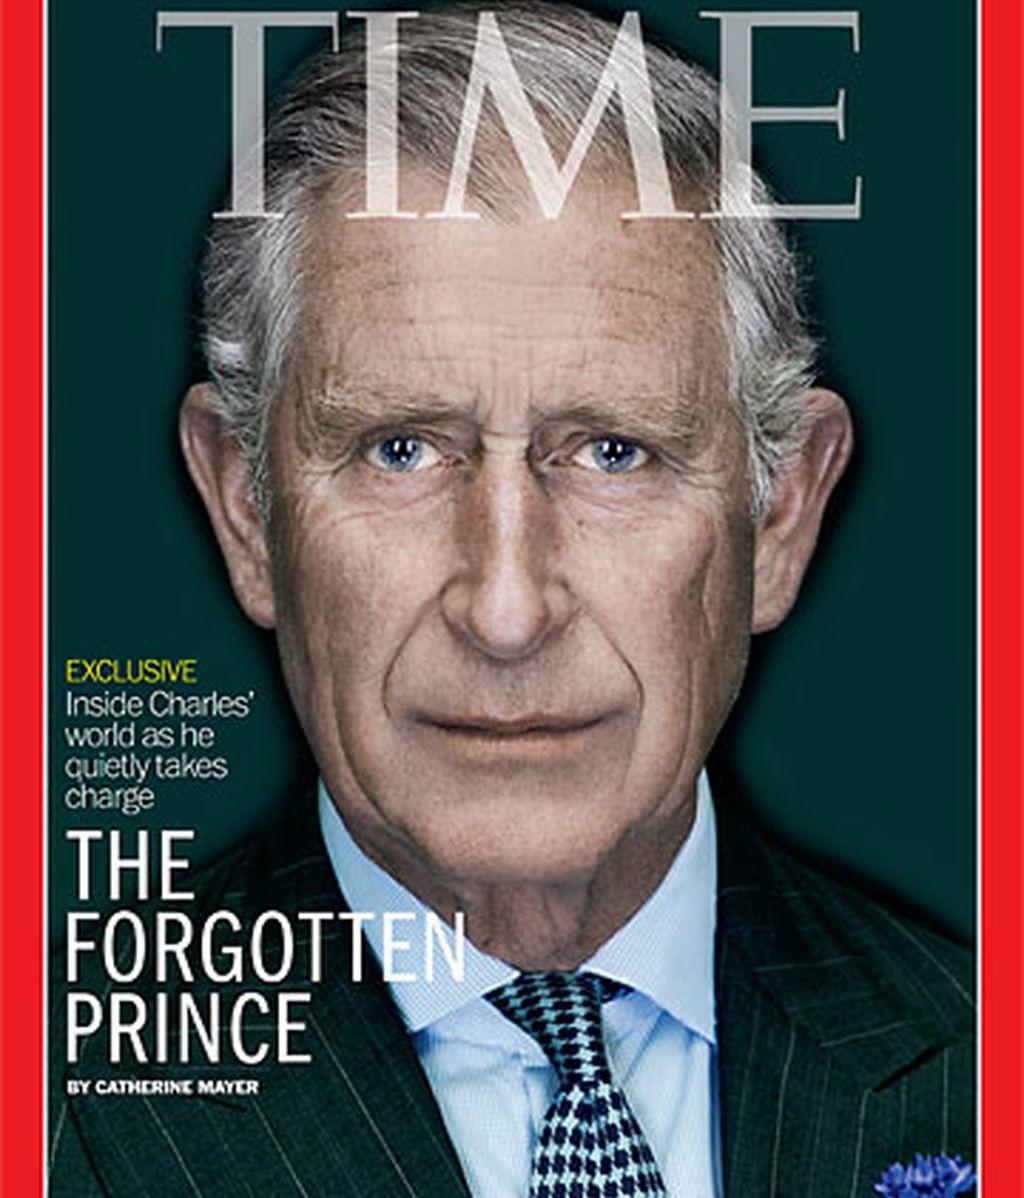 Portada de la revista Time que dedicó un especial al príncipe Carlos de Inglaterra